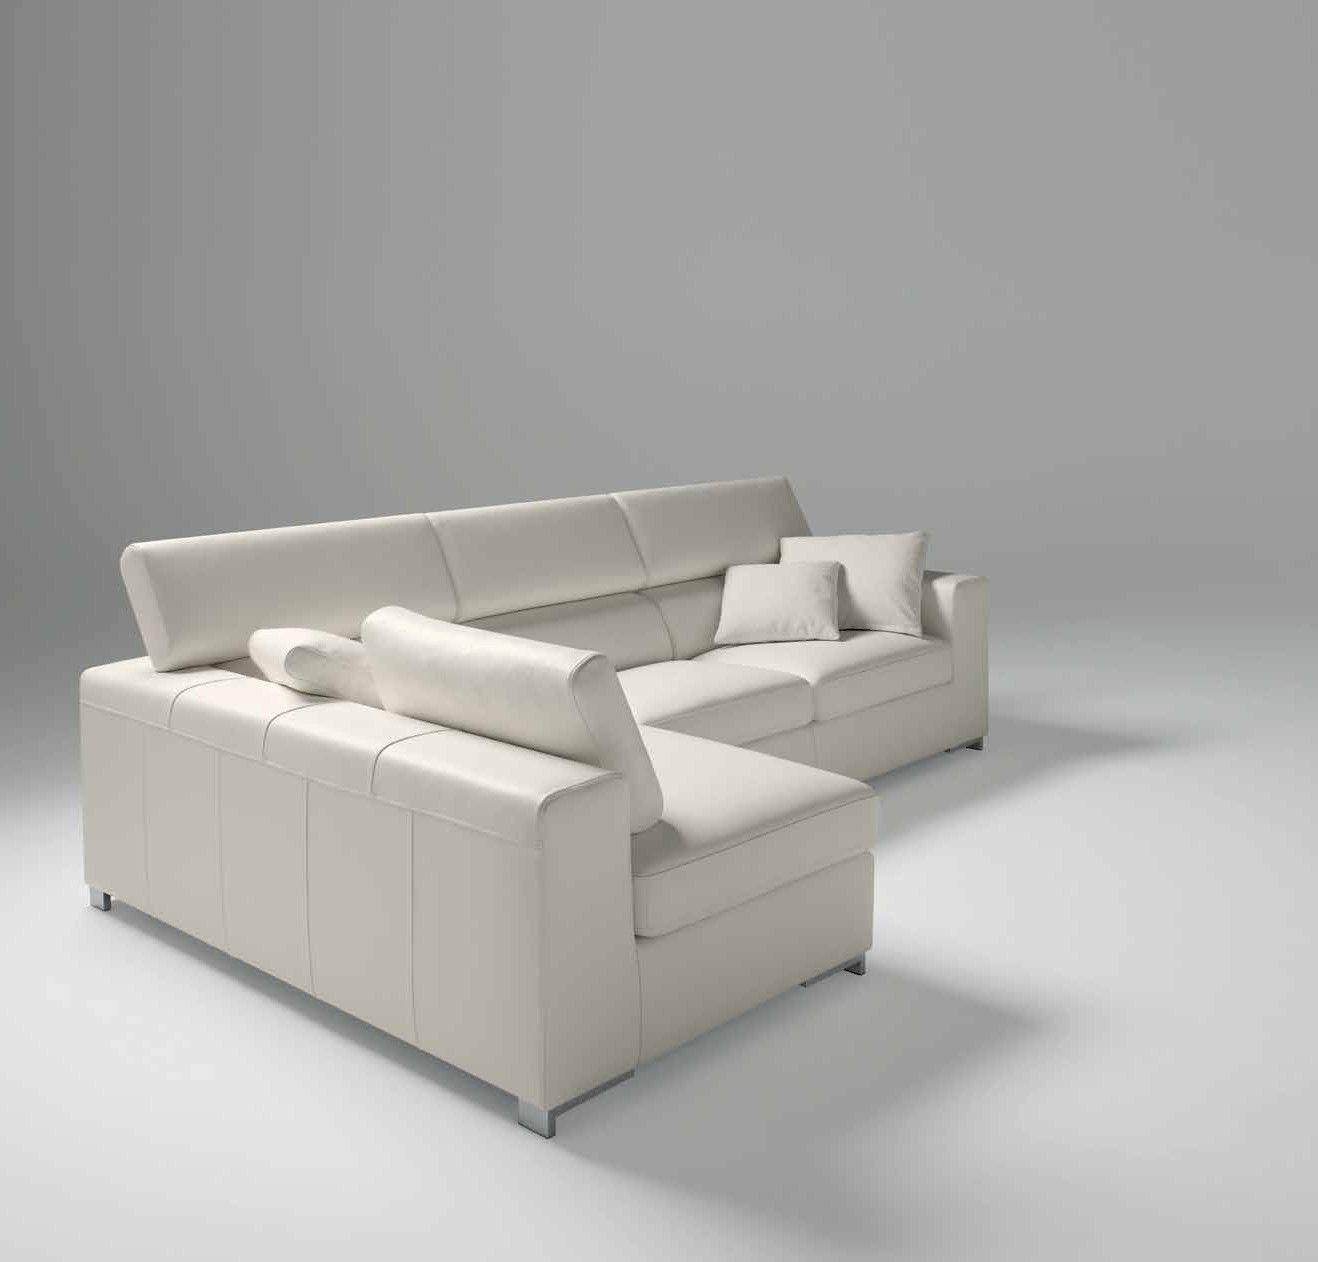 Larghezza: 183 cm Profondità: 105 cm Altezza: 76 cm Il divano ...